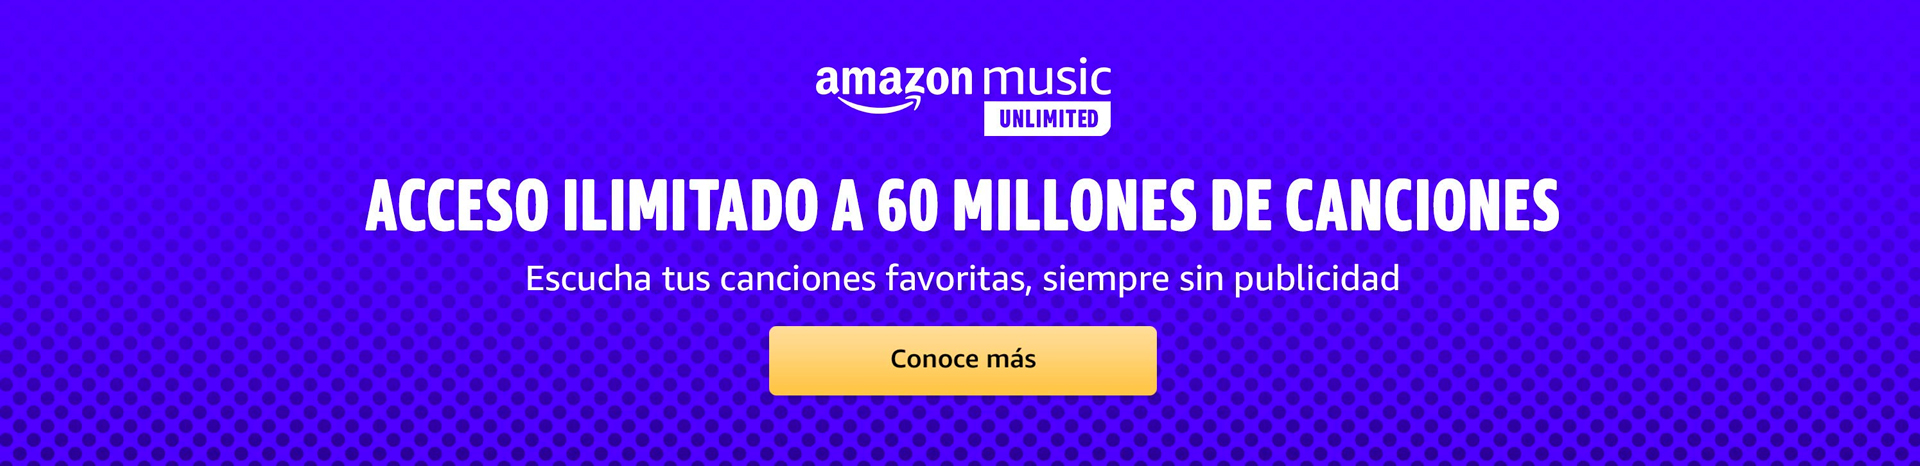 amazone music